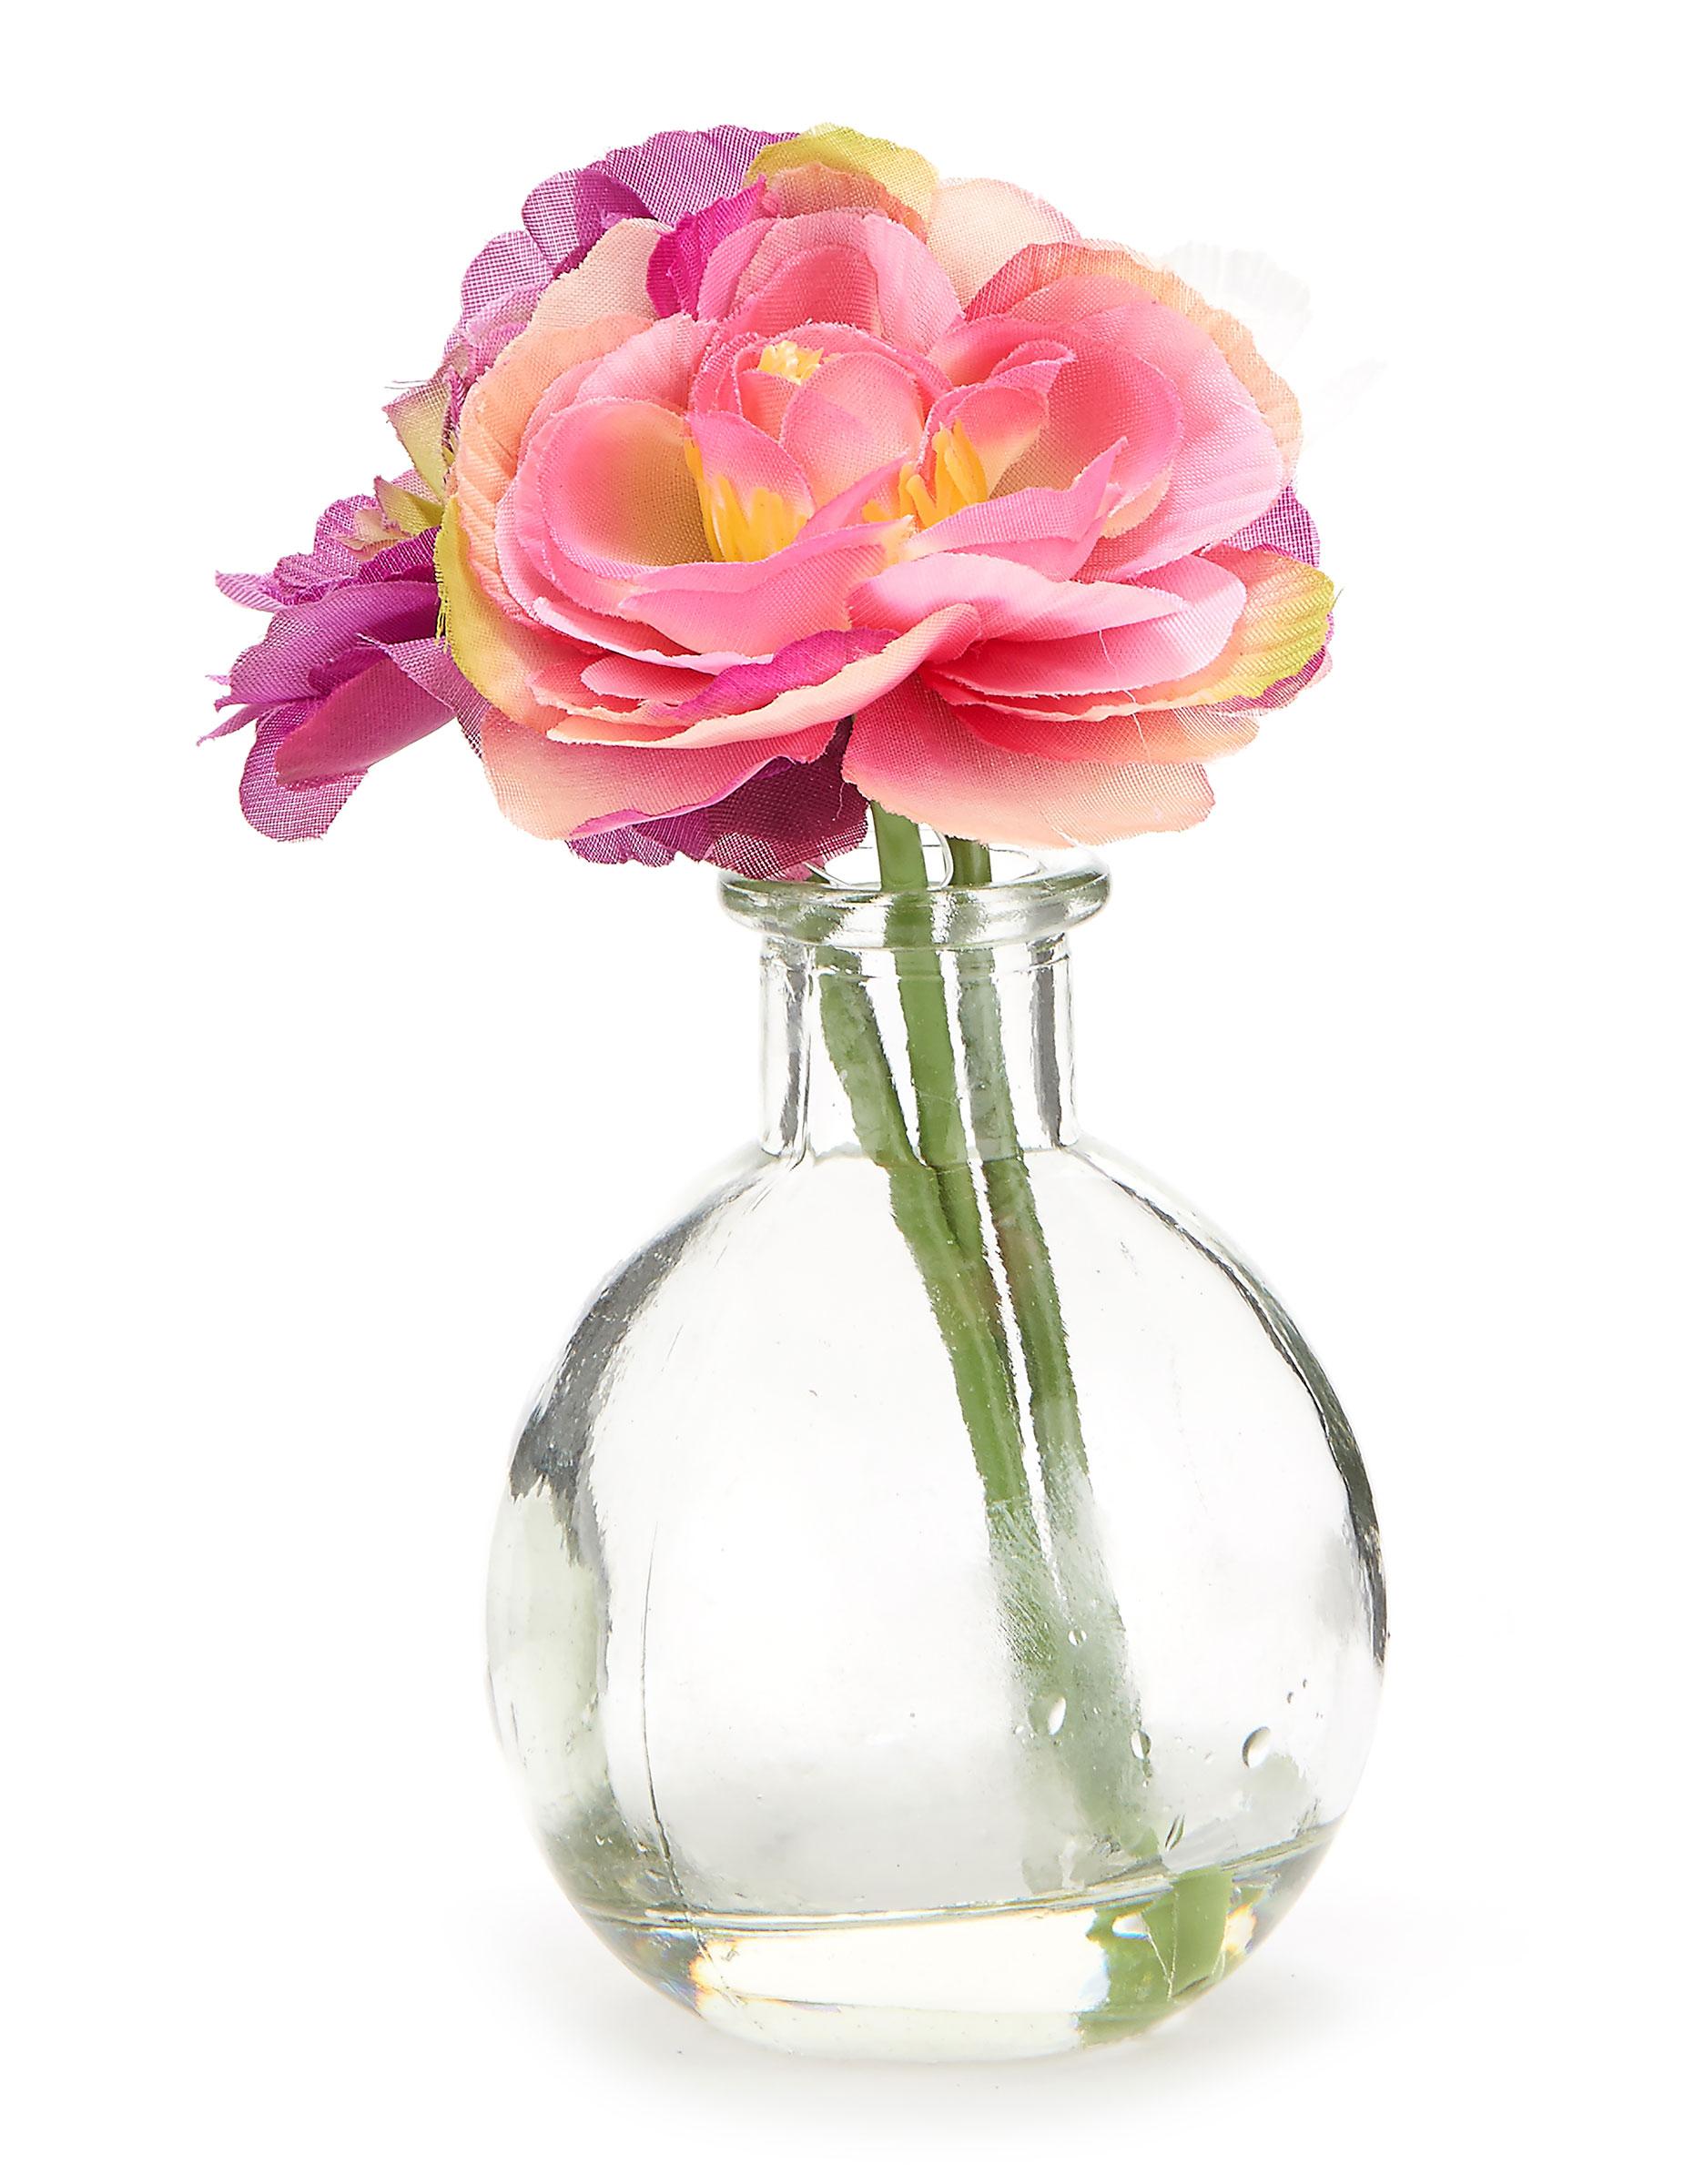 petit vase de fleurs artificielles d coration anniversaire et f tes th me sur vegaoo party. Black Bedroom Furniture Sets. Home Design Ideas